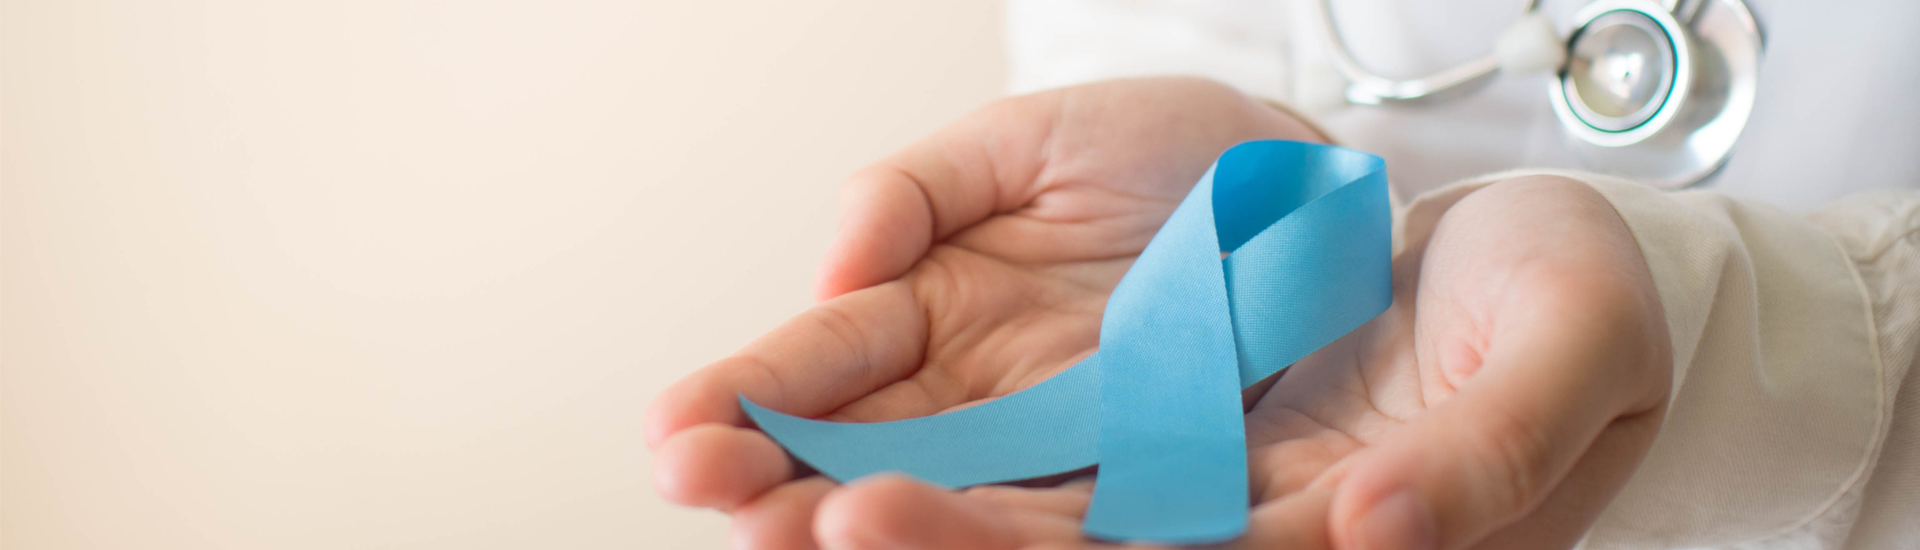 NOVEMBRO AZUL: mês mundial do combate ao câncer de próstata